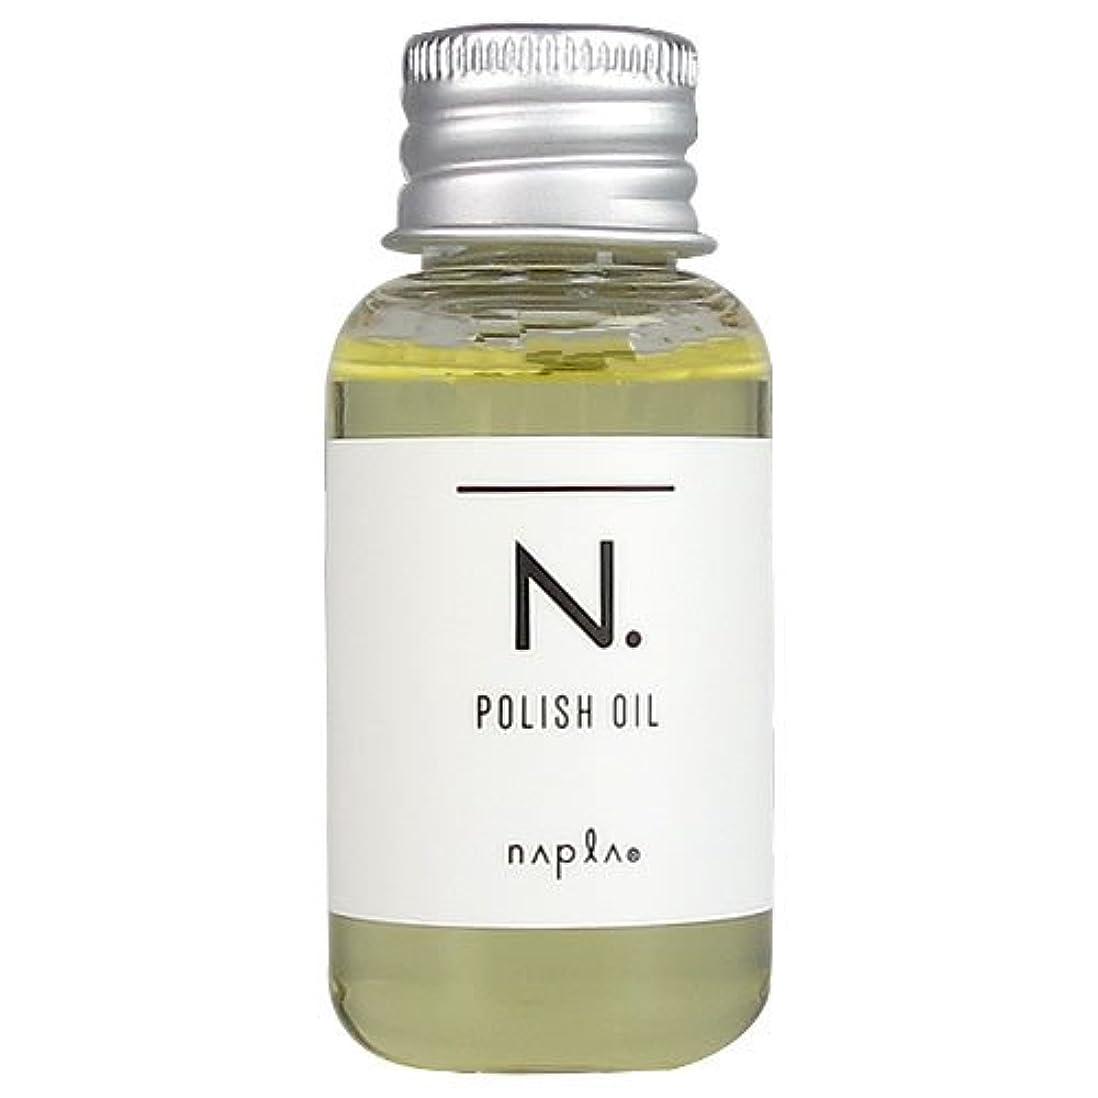 ナプラ NAPLA N. ポリッシュオイル 30ml [並行輸入品]